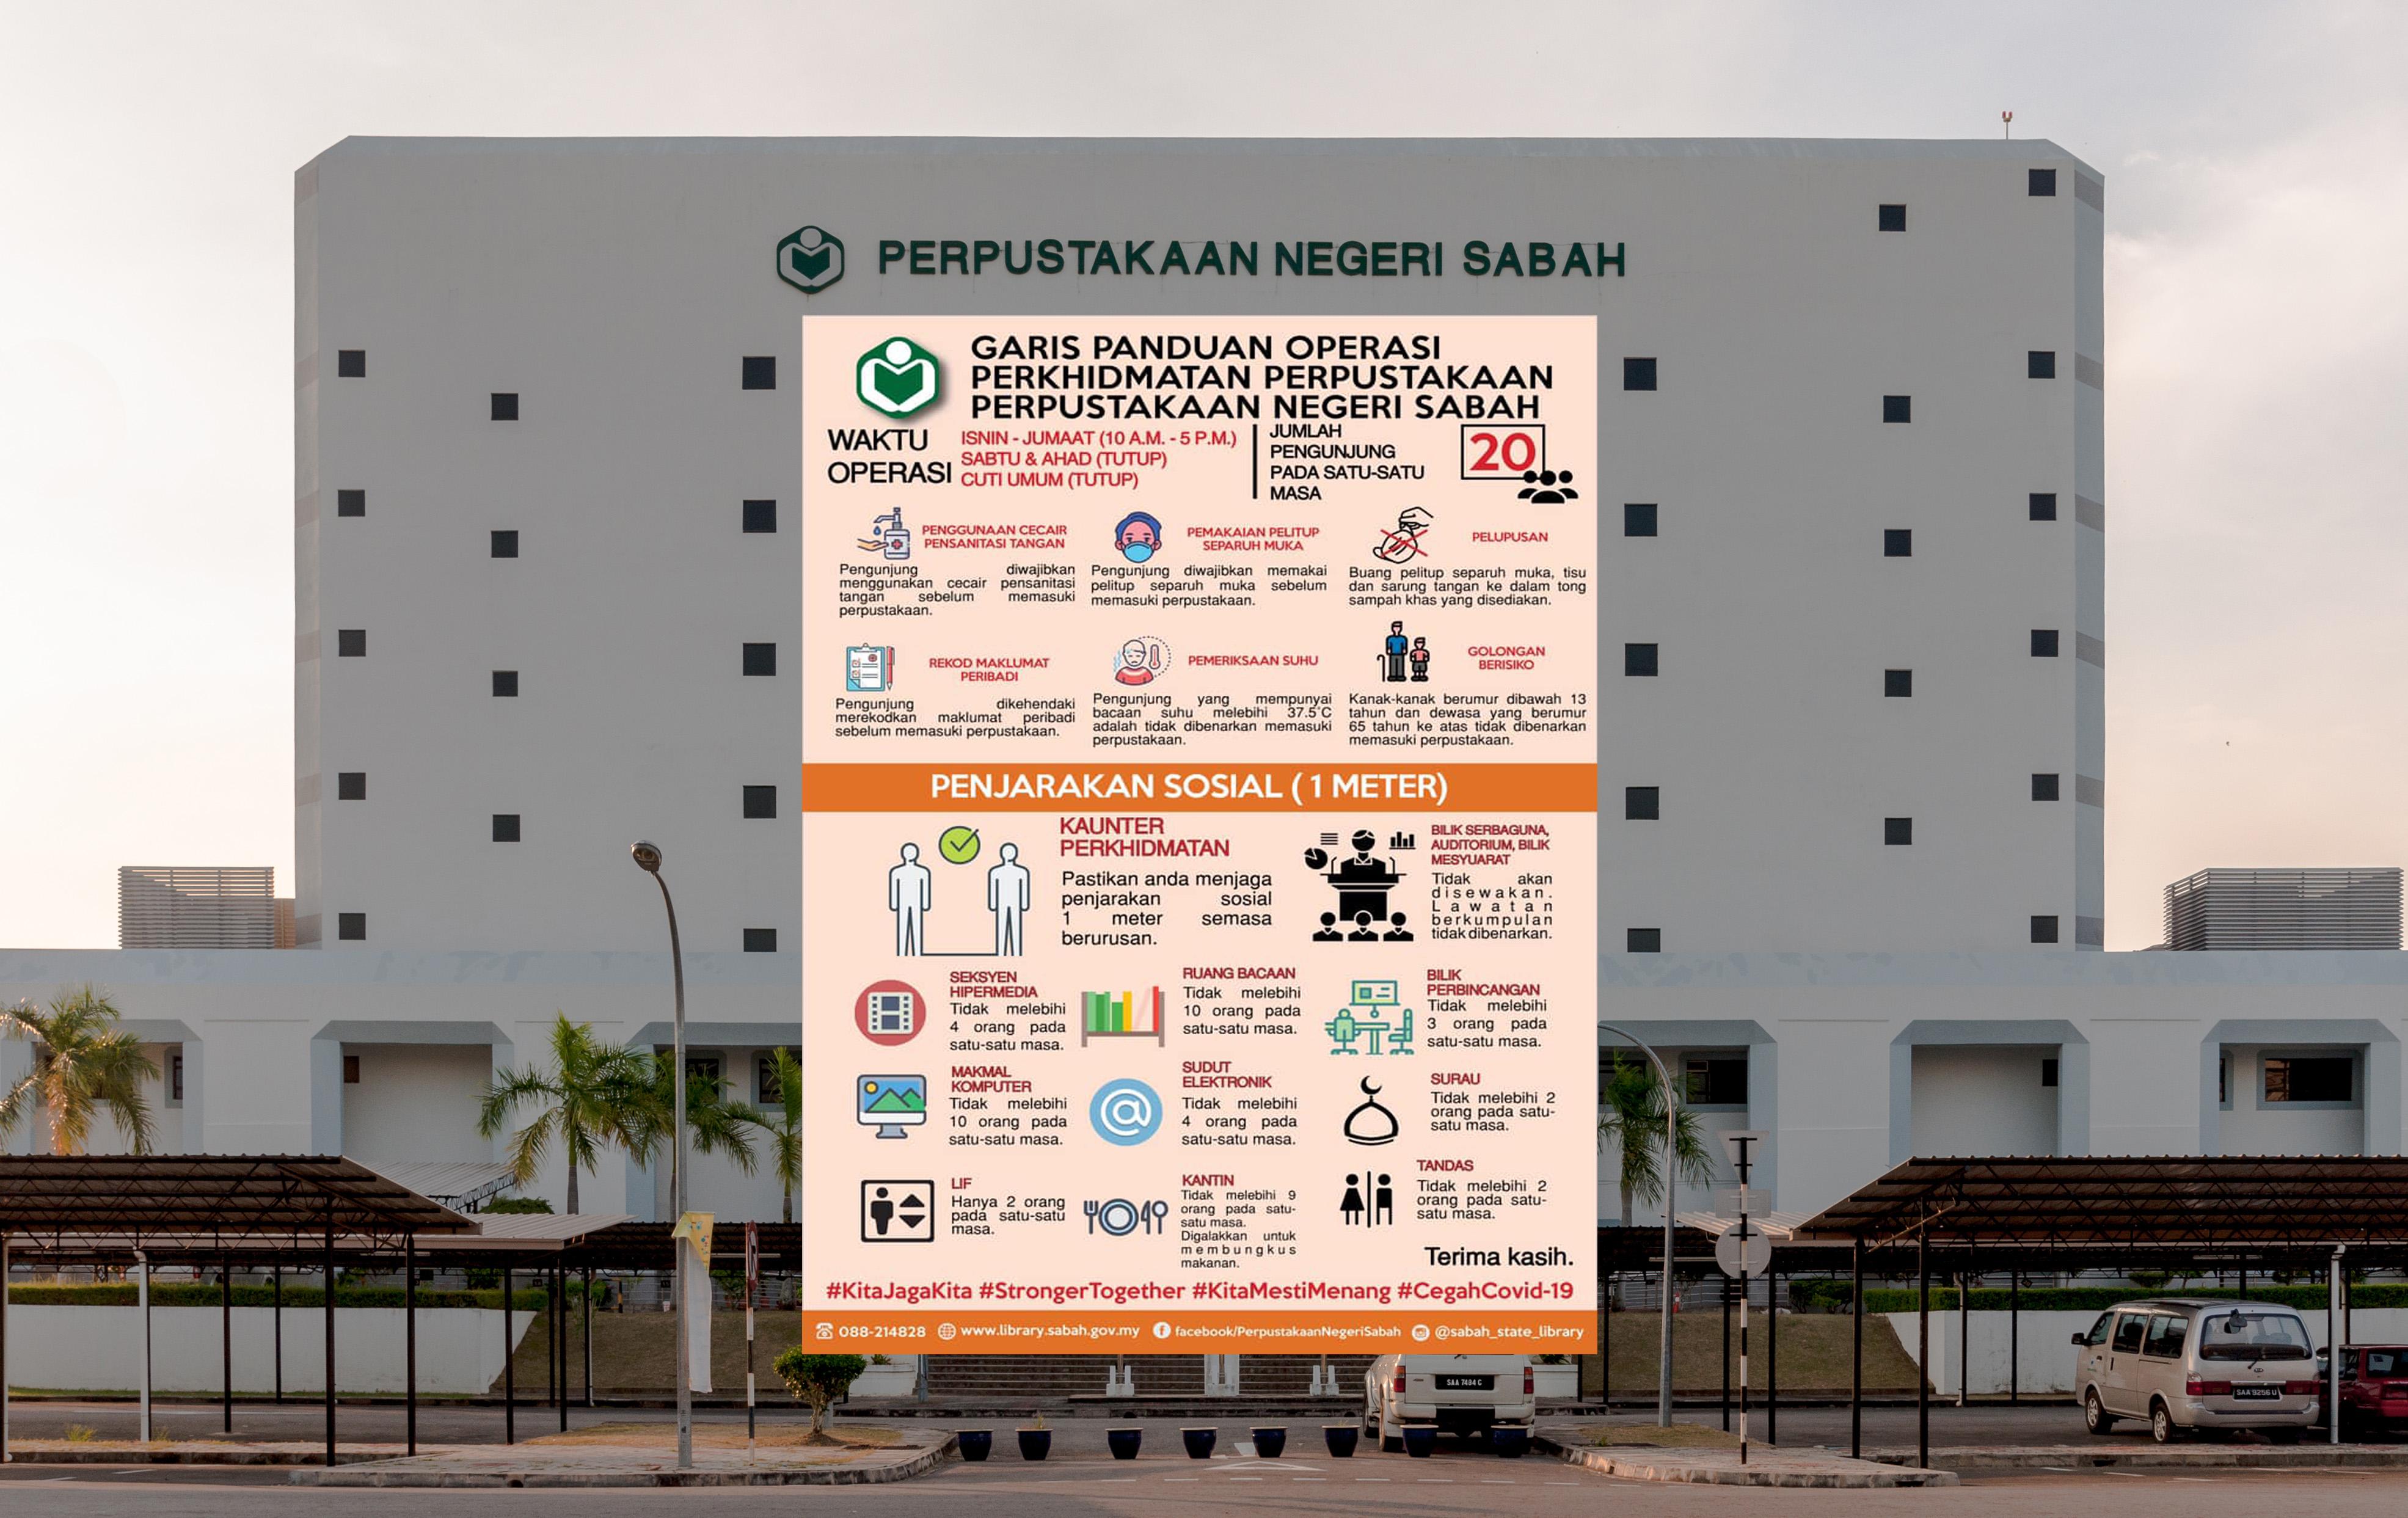 Perpustakaan Negeri Sabah Selamat Hari Natal 2019